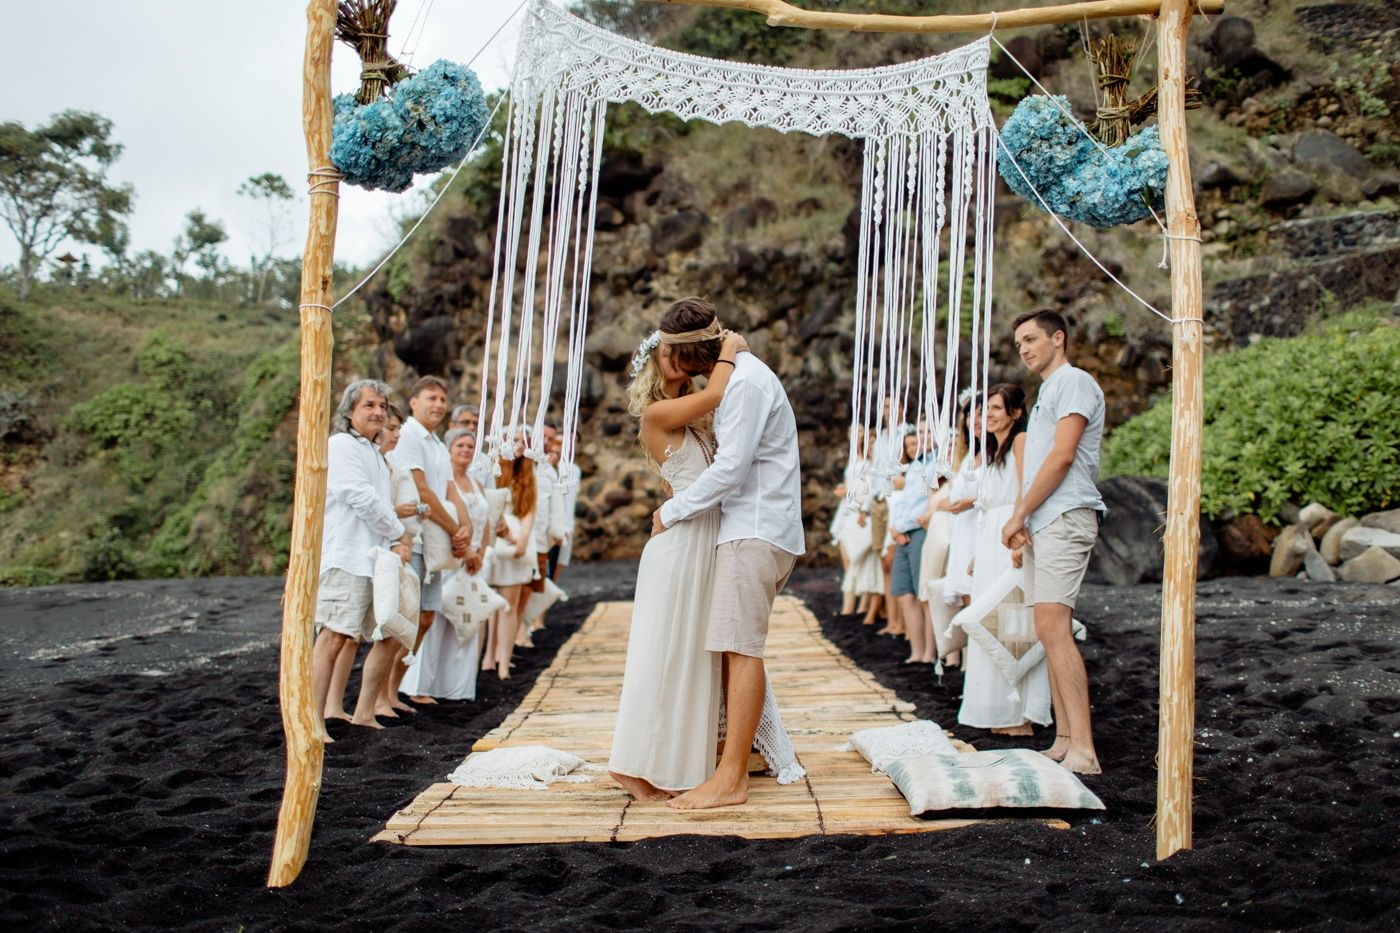 Aniesonge anie songe | strana 5 z 118 | víla lesní i mořská | wedding